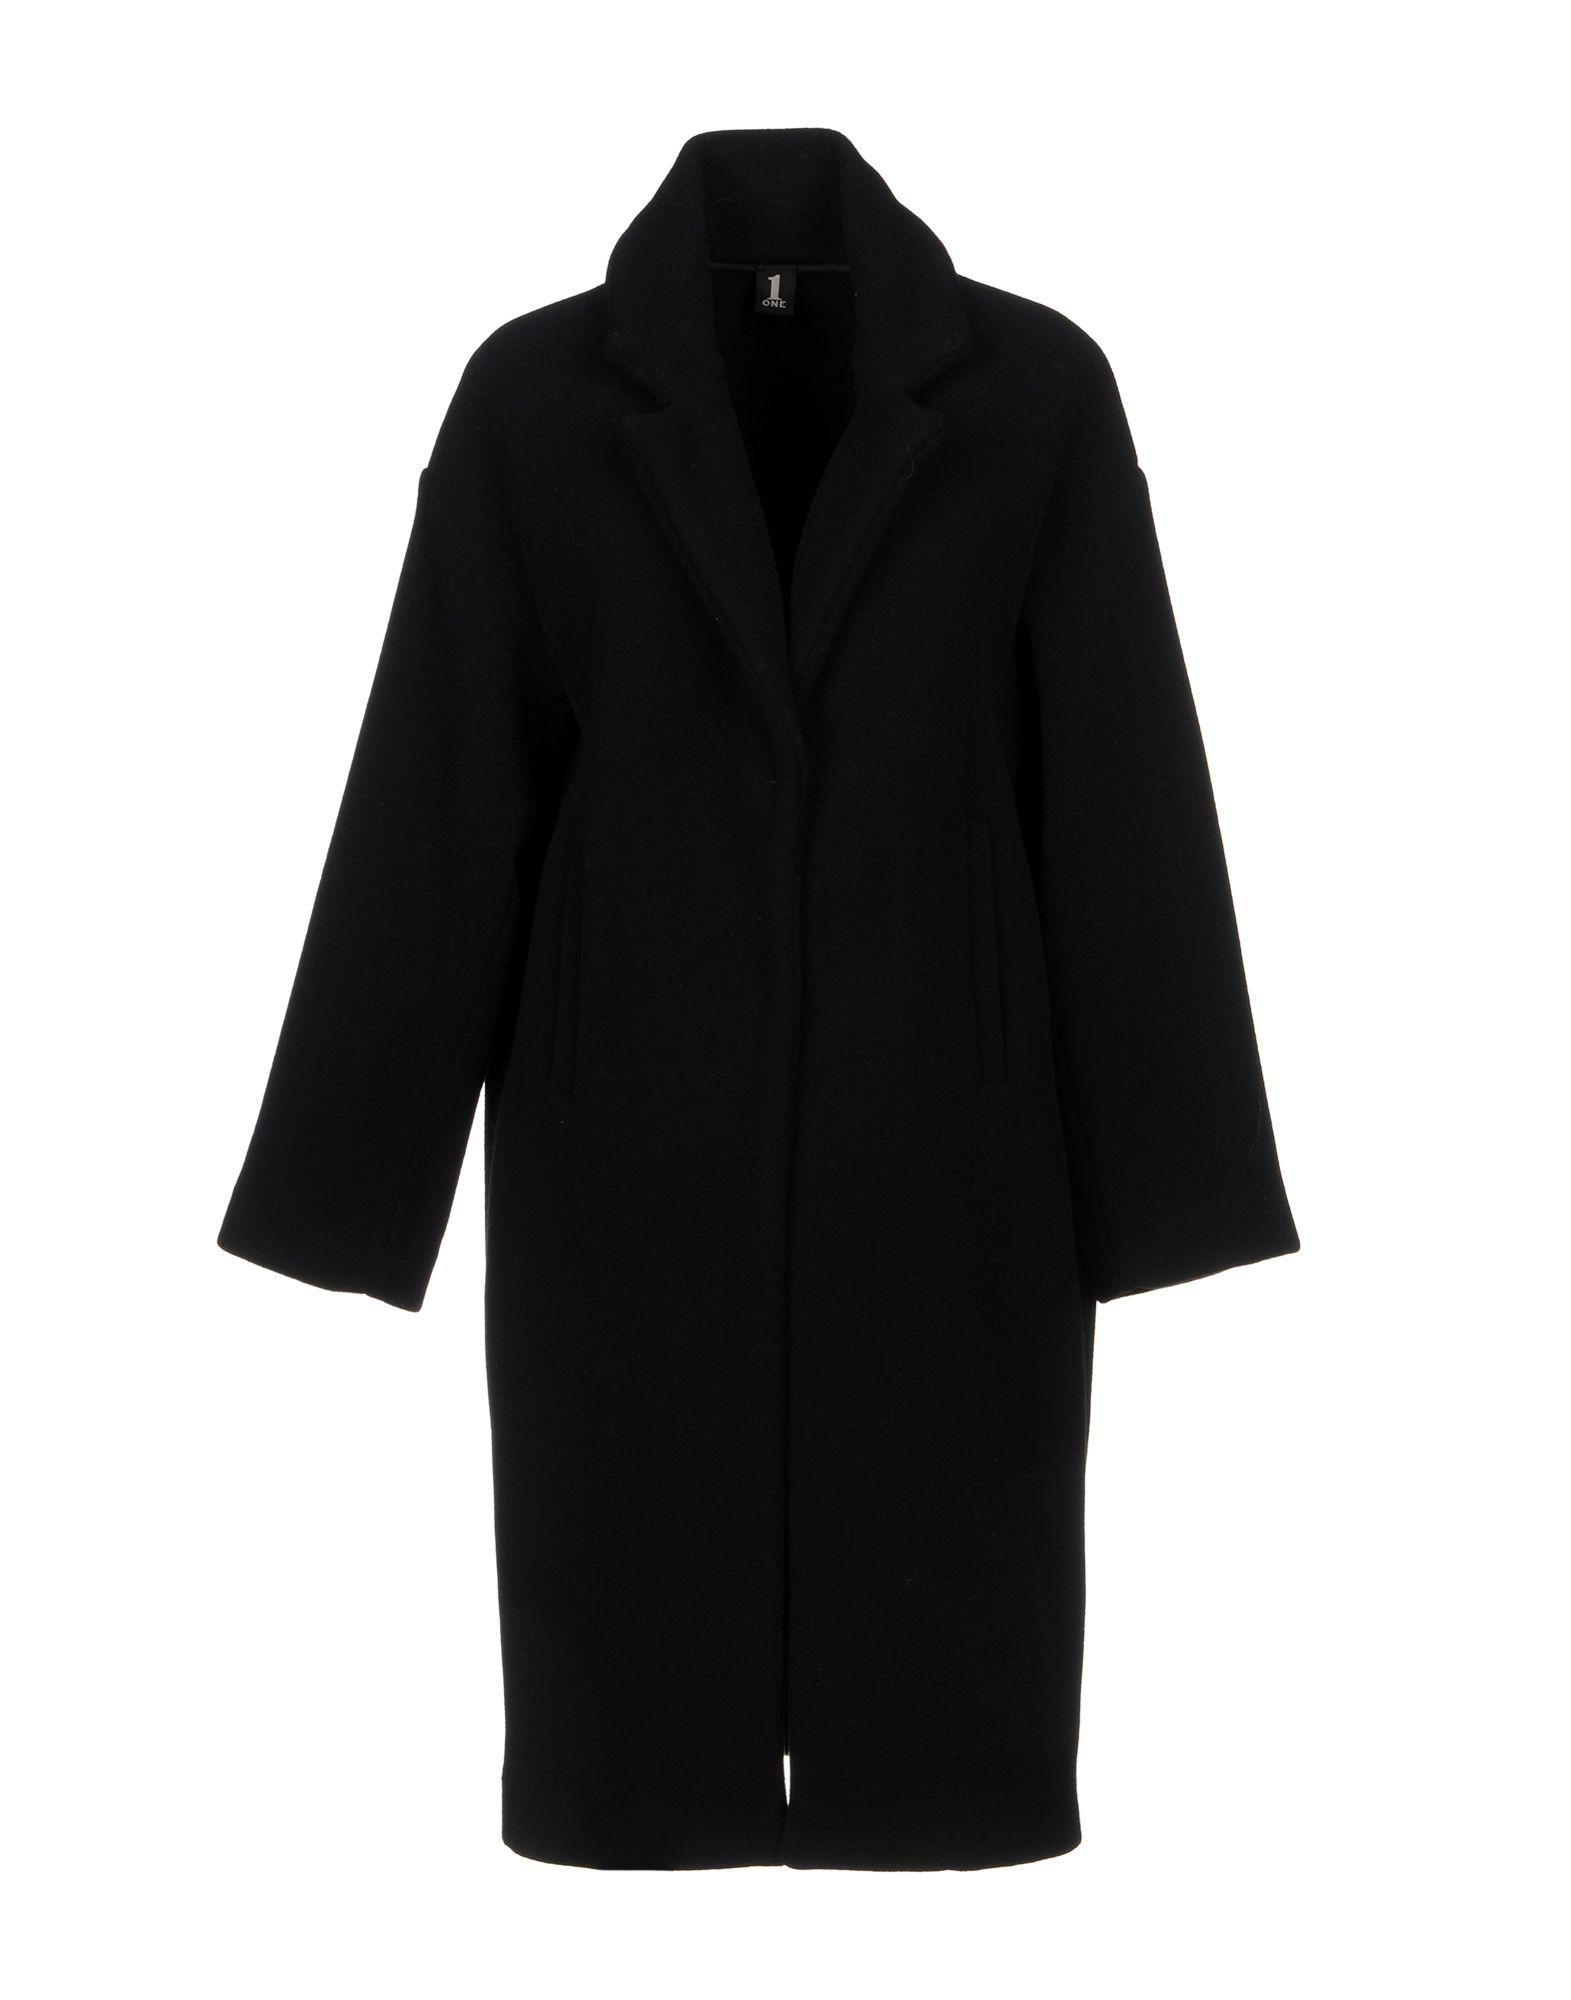 Cappotto 1-One Donna - Acquista online su 4Xi9hDNe